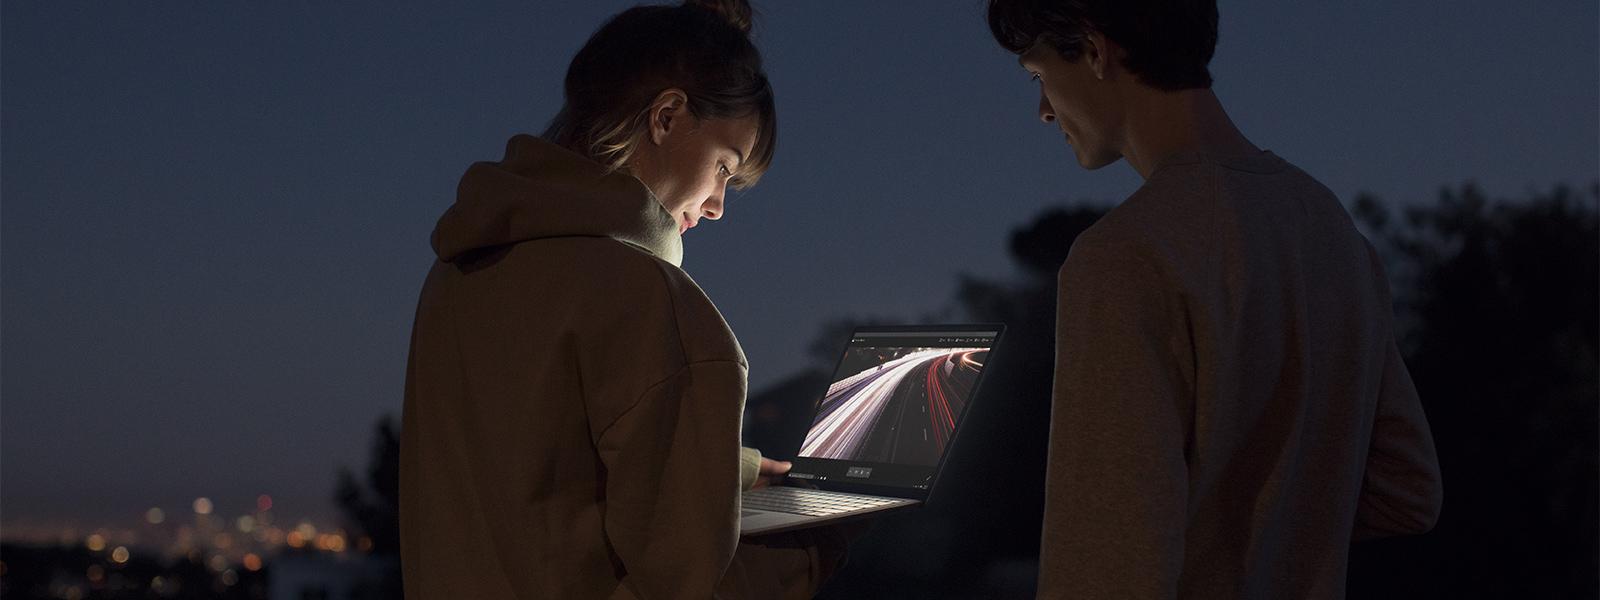 Un homme et une femme regardant l'écran SurfacePixelSense™